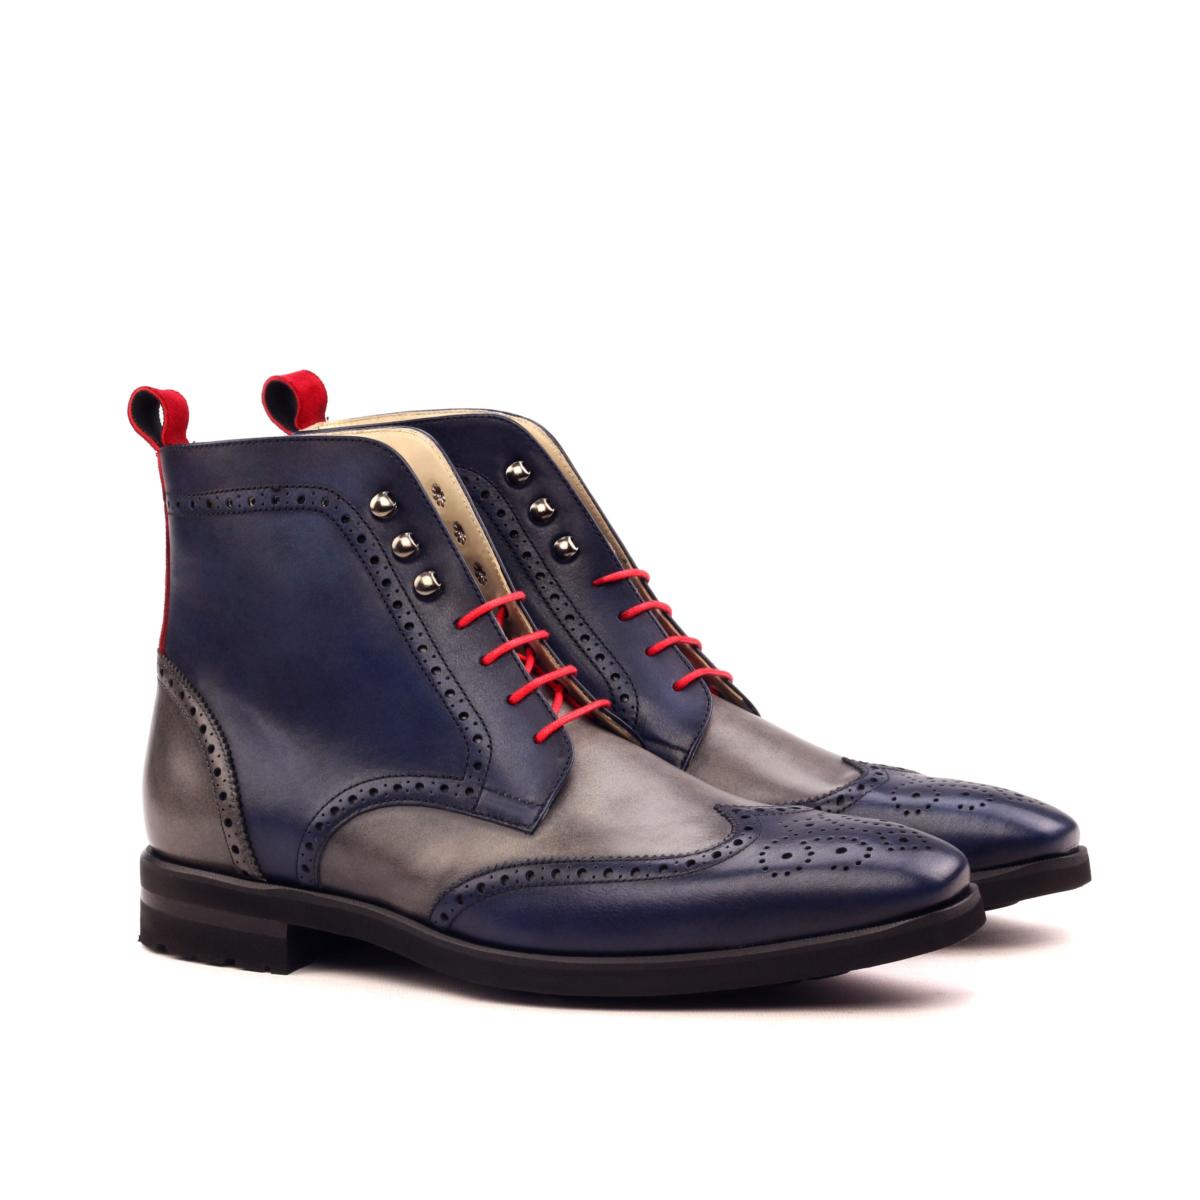 Hand paitend navy box calf wingtip boots